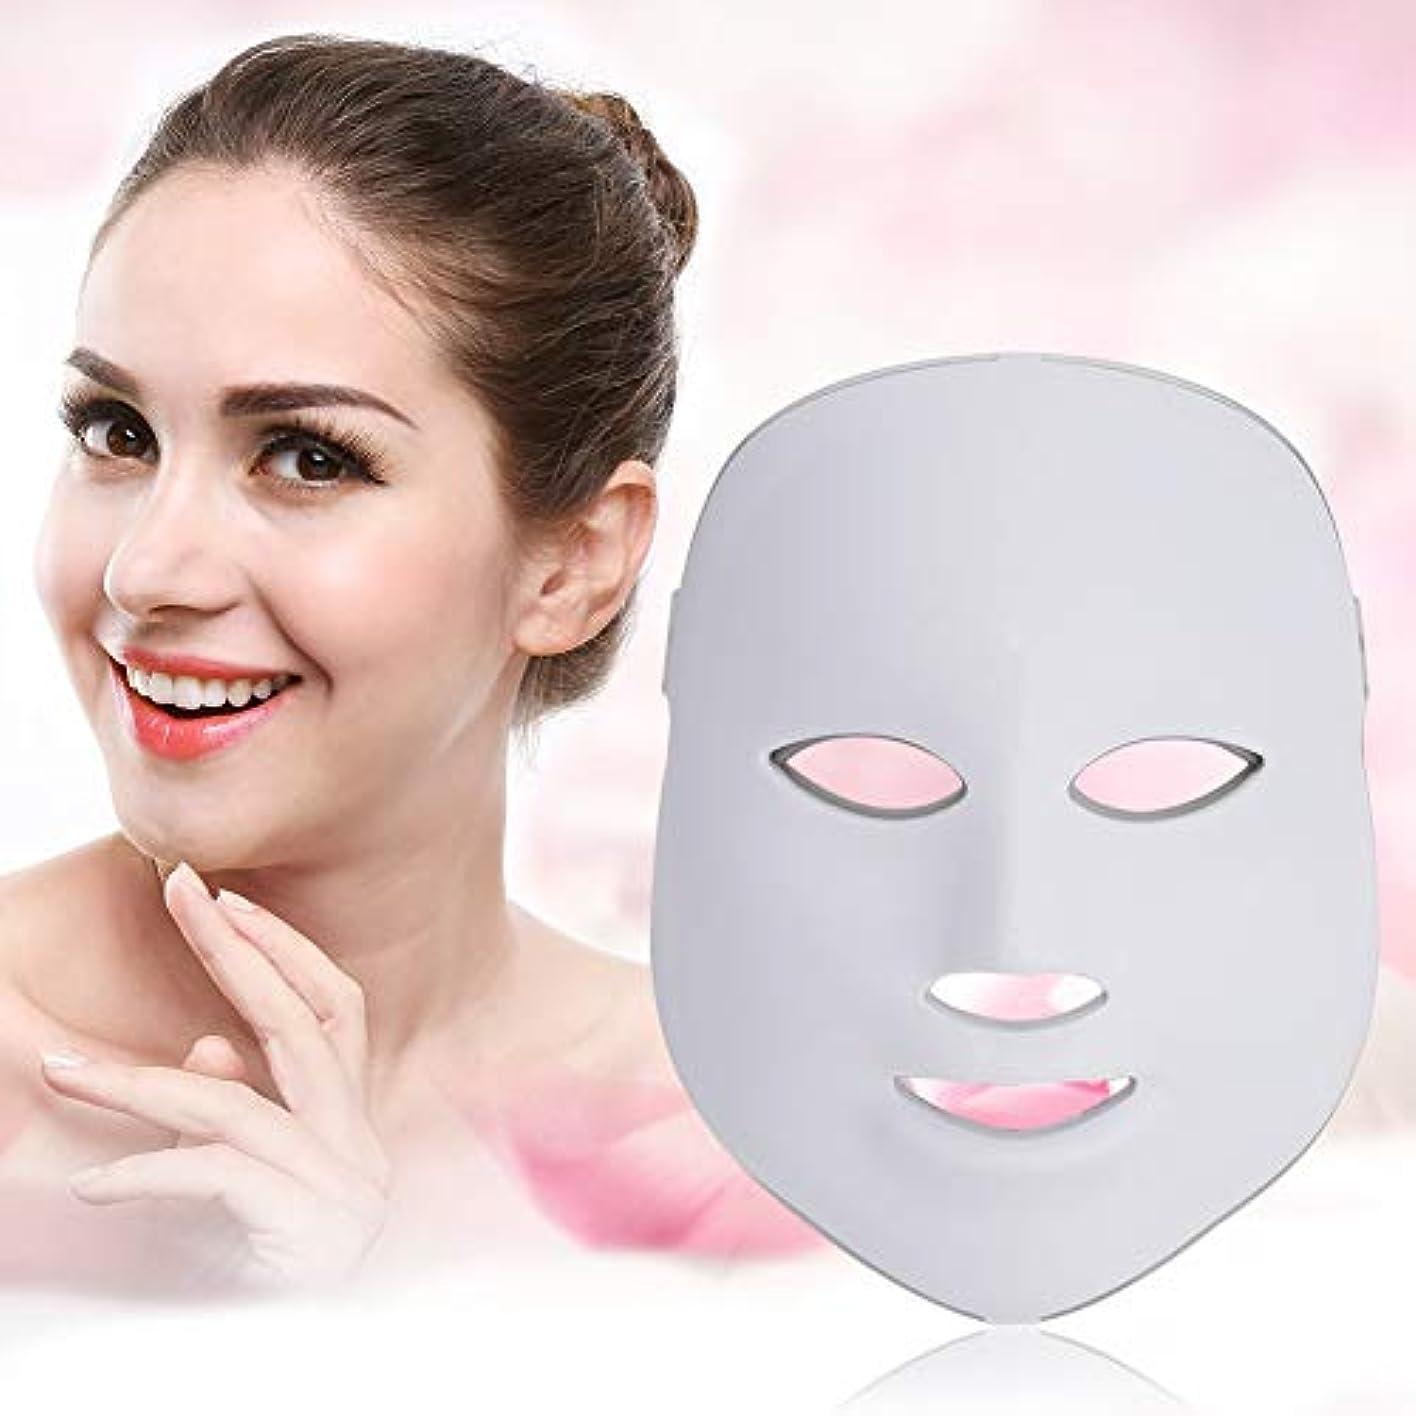 ポンプ整理するクレデンシャル7色Ledフェイスマスク-顔&首光肌若返りスキンケアマスク、しわを改善、引き締め、滑らかな肌(米国のプラグ)